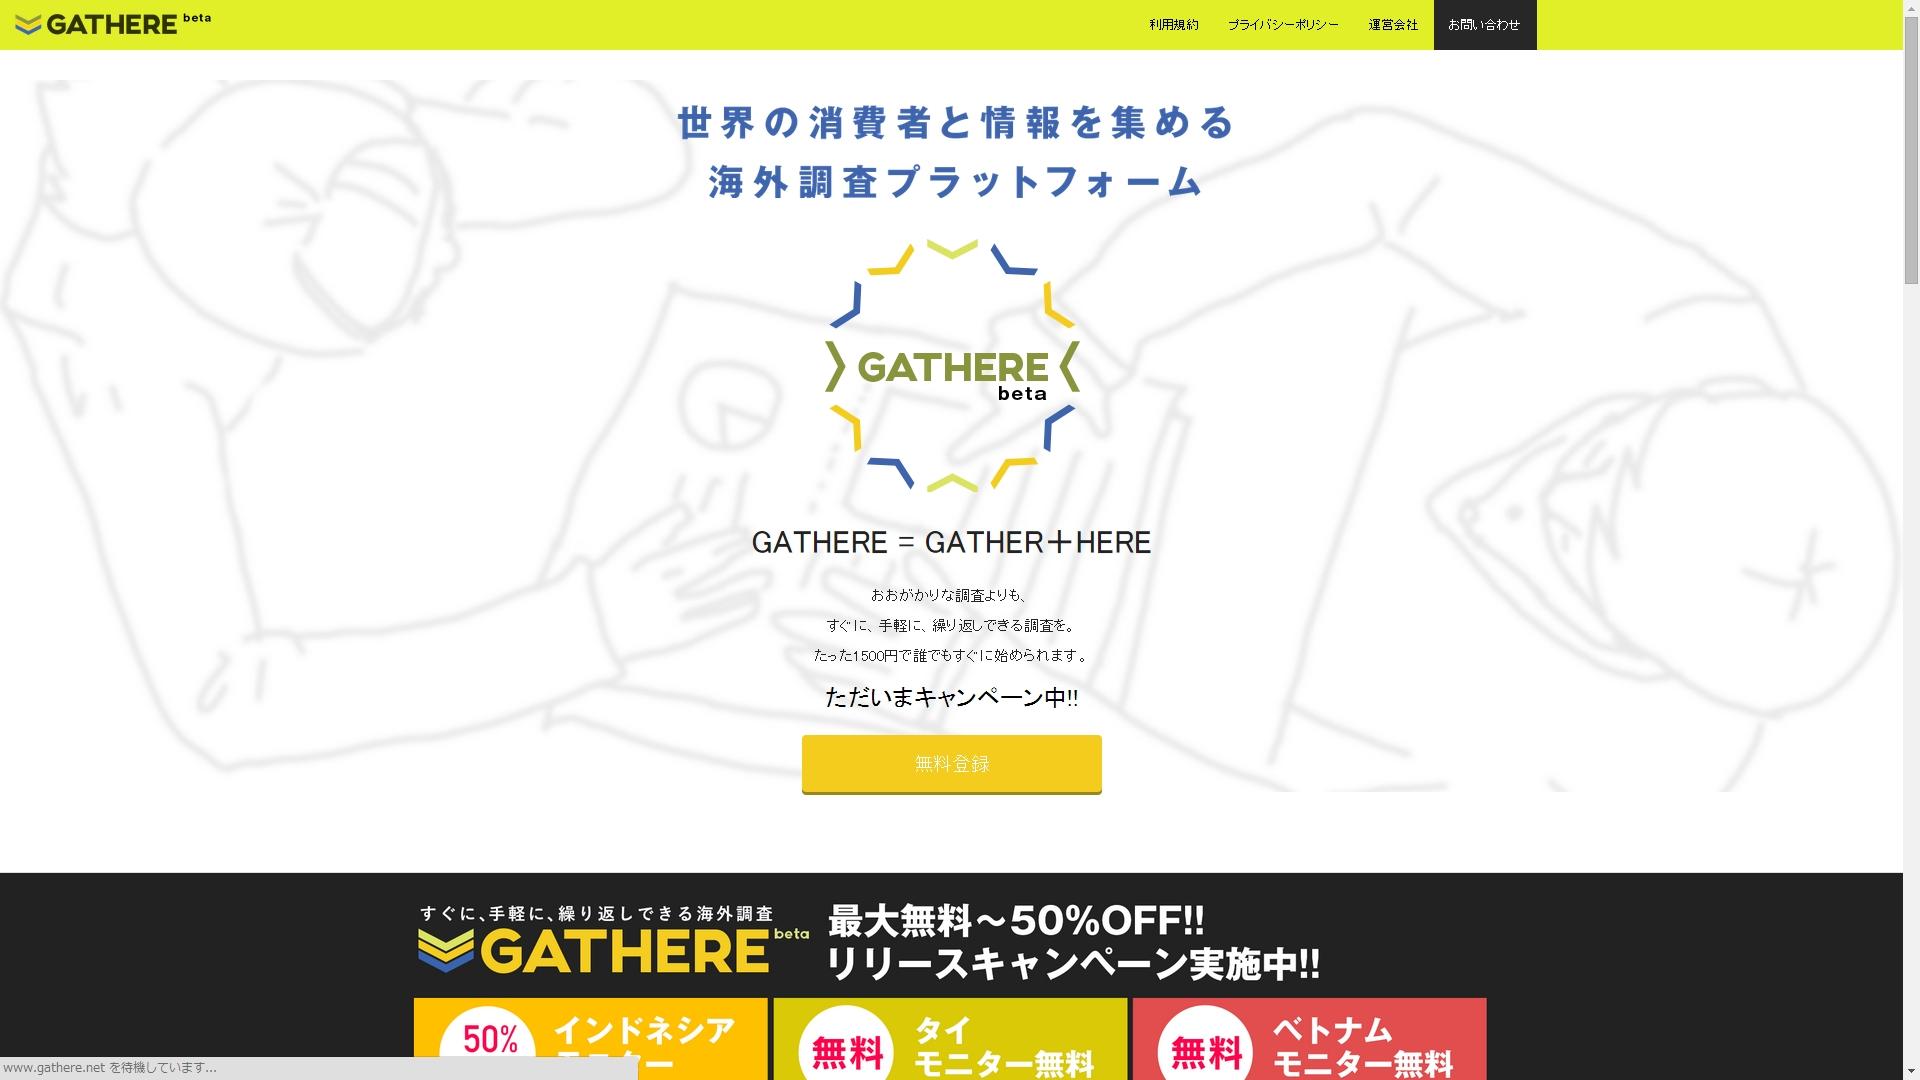 ~アジア進出にスピードを~ 1,500円から始められる海外調査サービス 「GATHERE」10月10日より提供開始 利用料無料キャンペーン実施中!